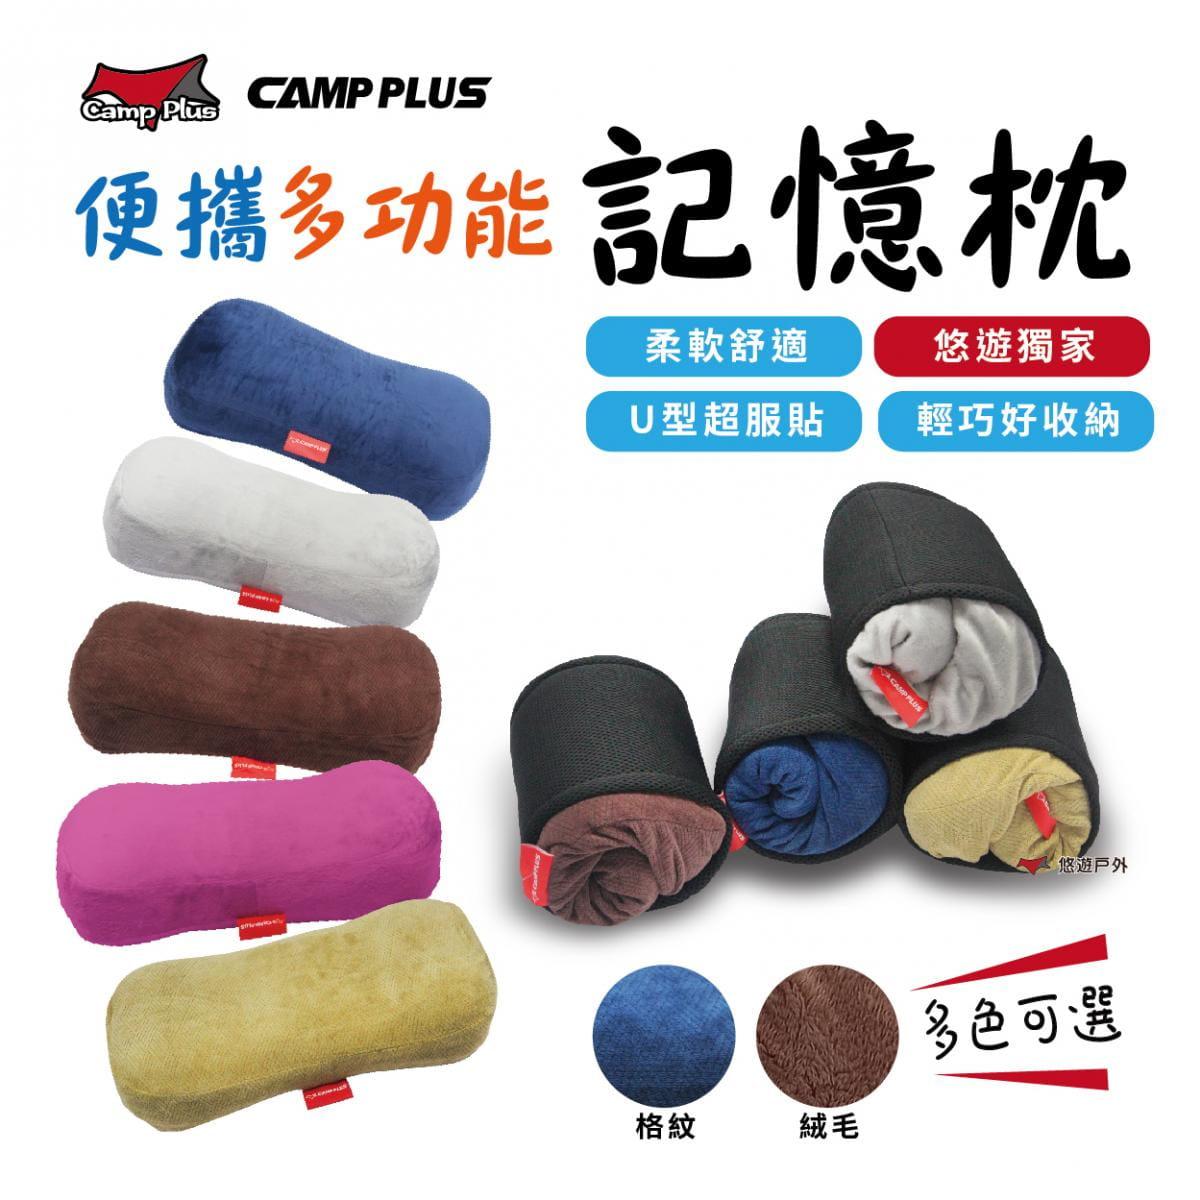 【CAMP PLUS】便攜多功能記憶枕《拒絕仿冒》